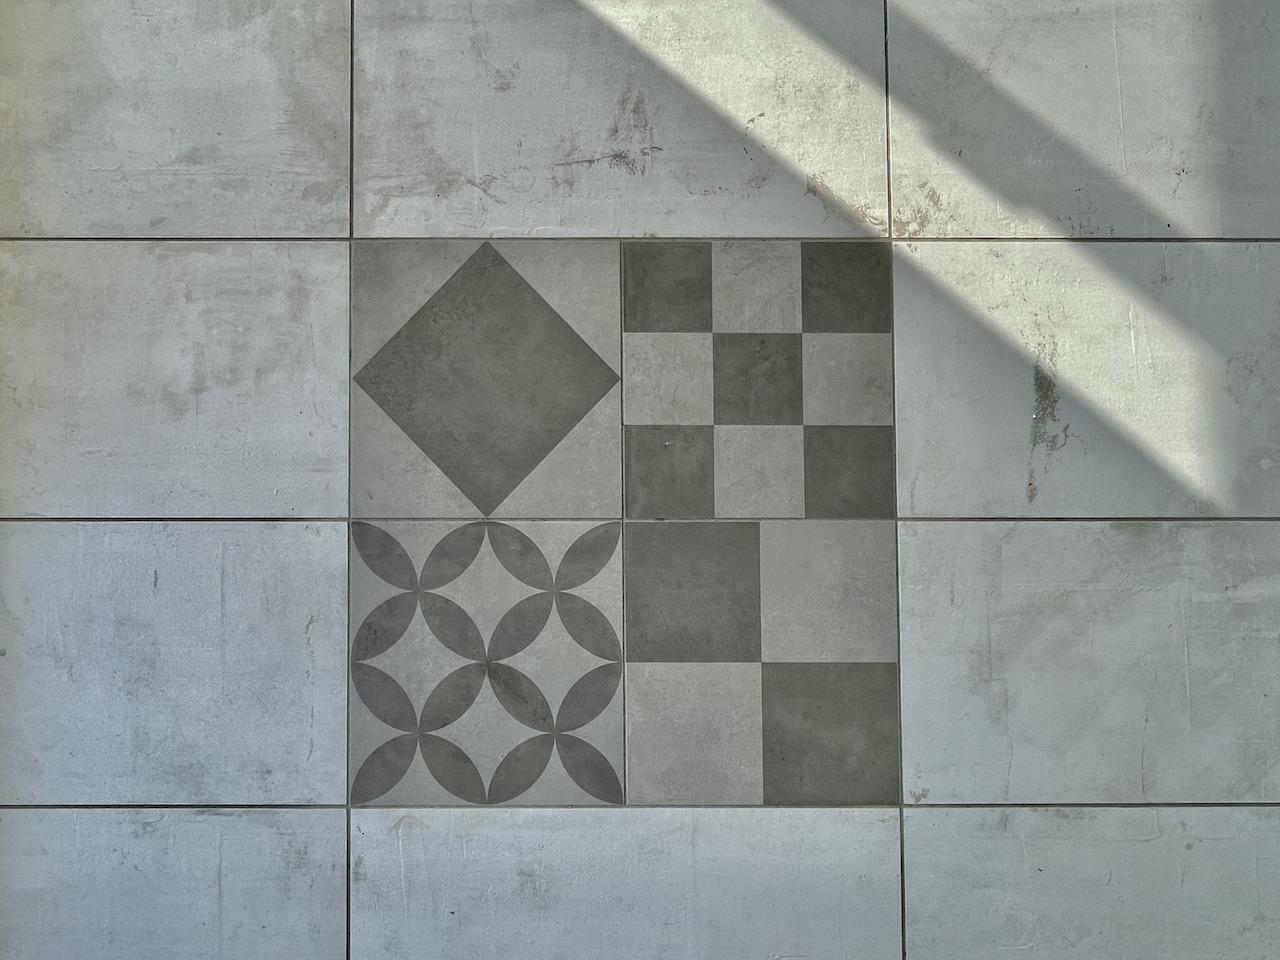 床に一部謎のタイルが。答えは次の写真で。